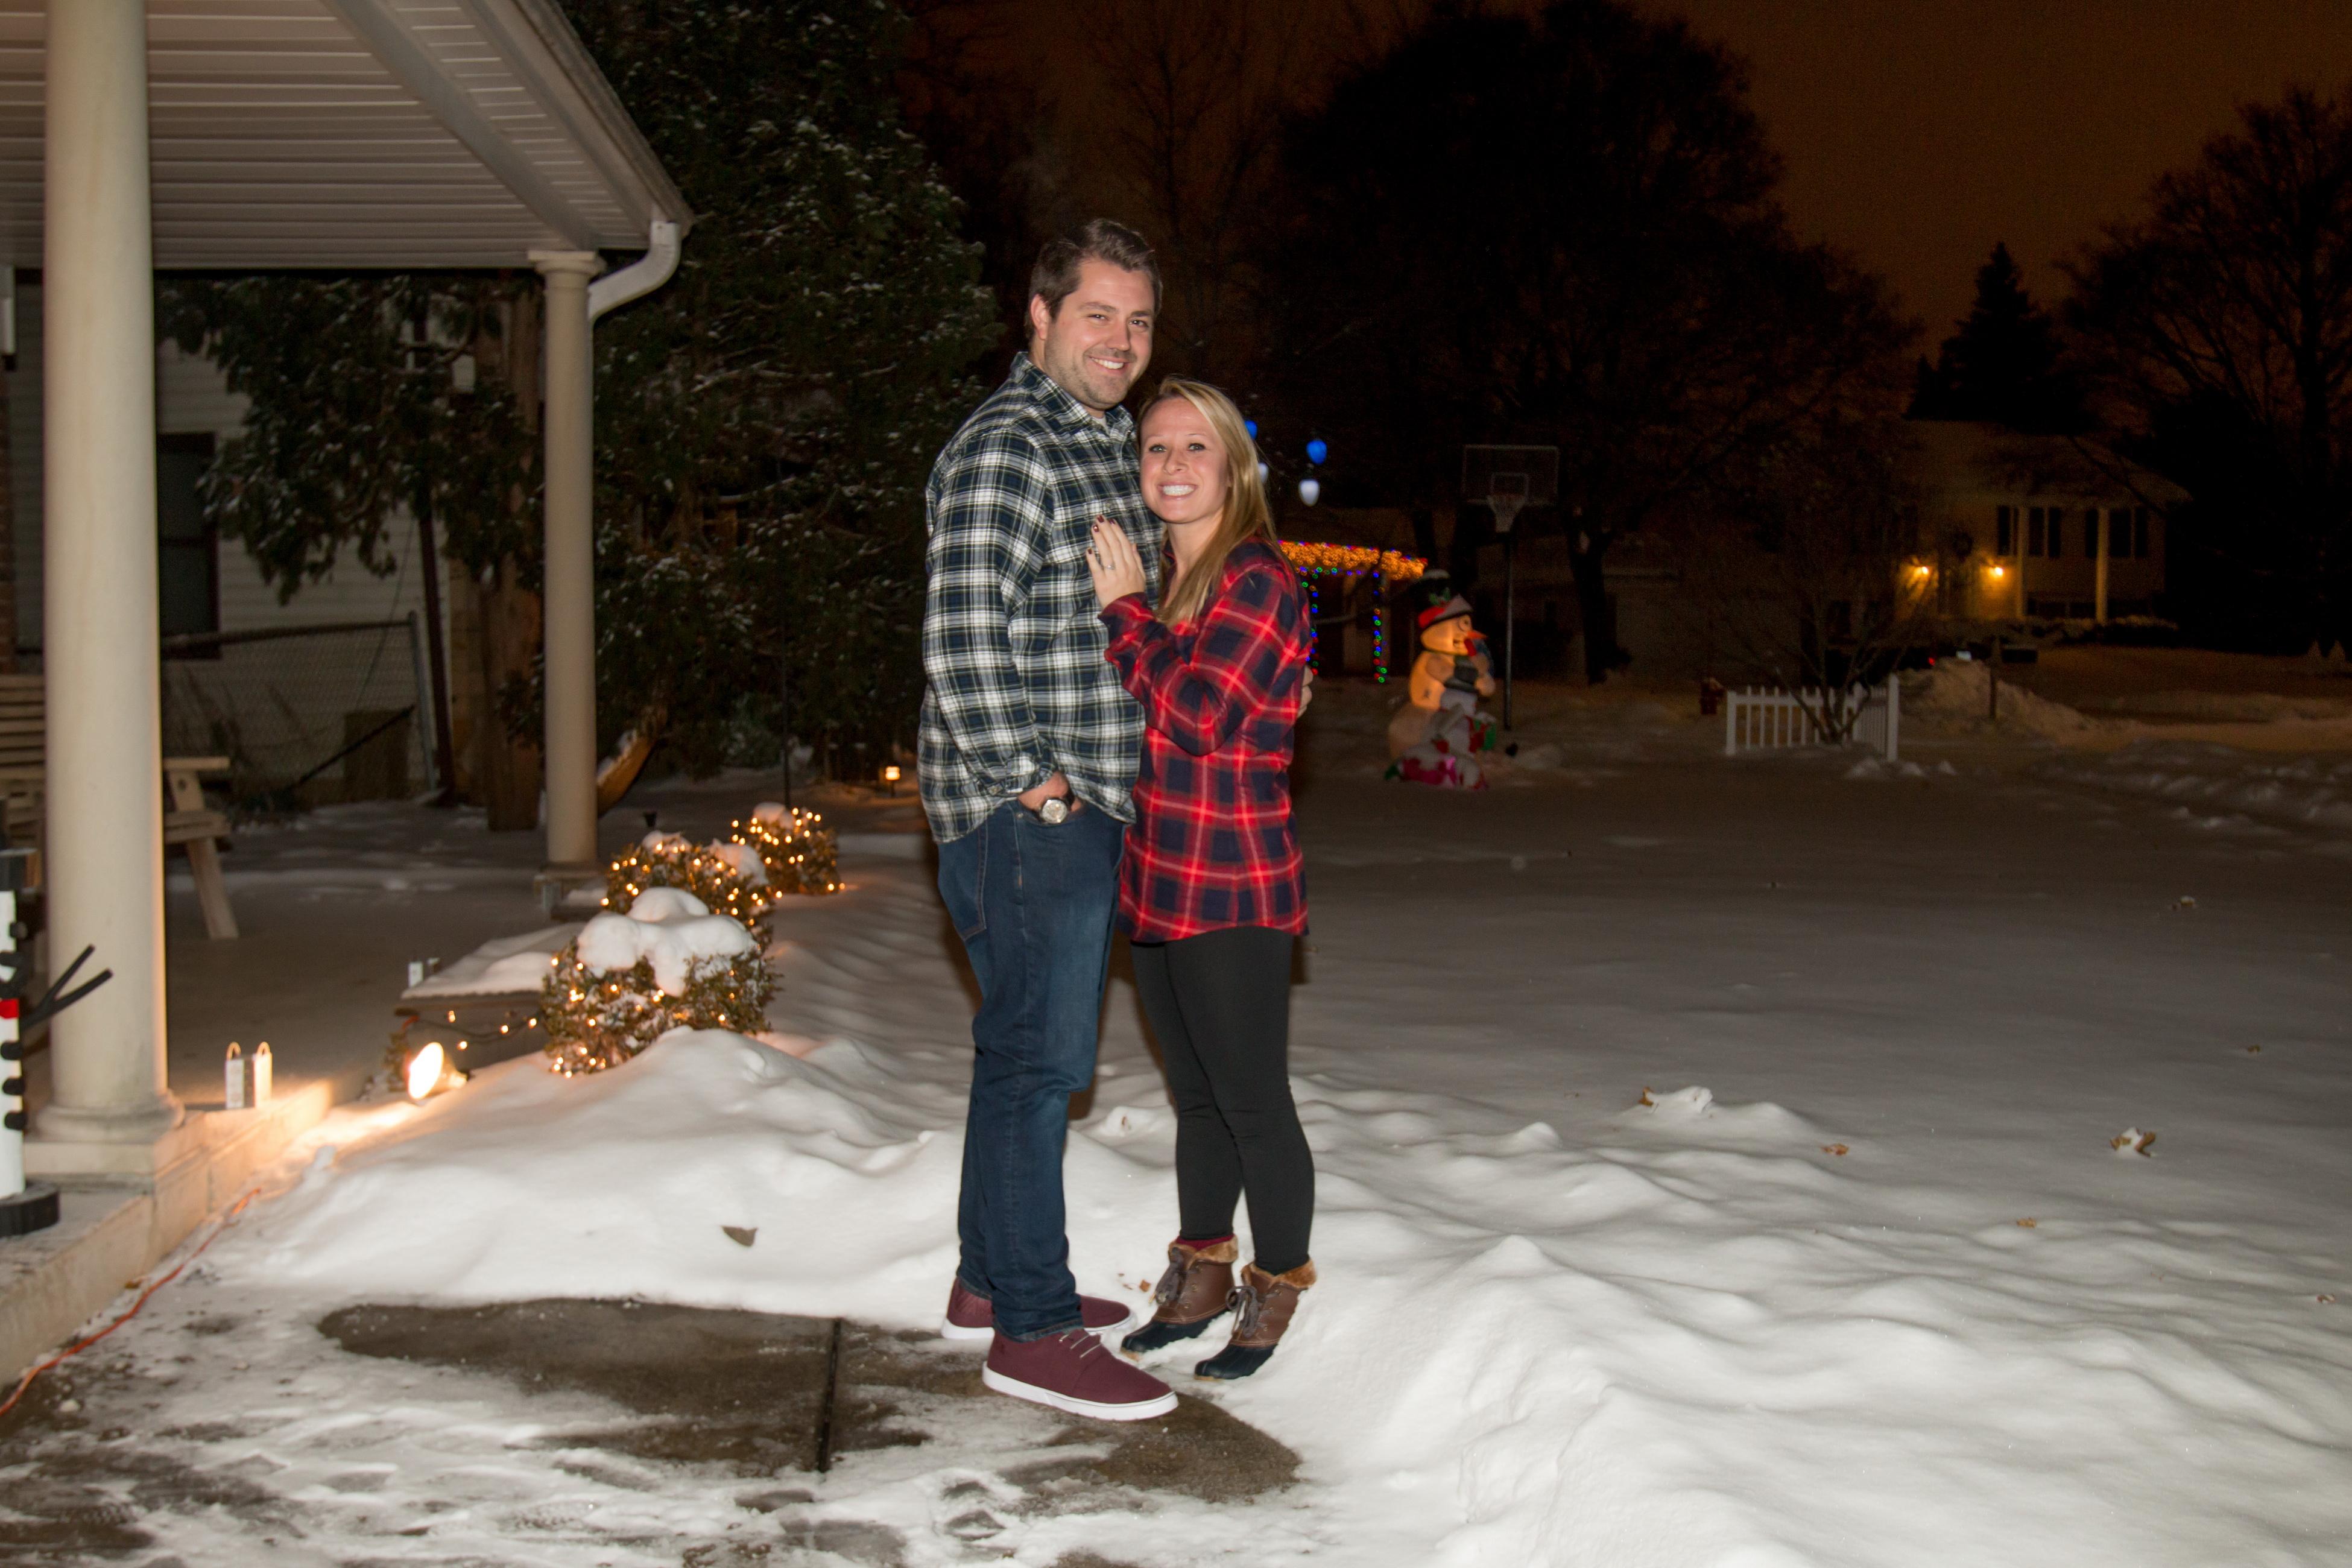 Jordan & Ben Get Engaged To Be Married!